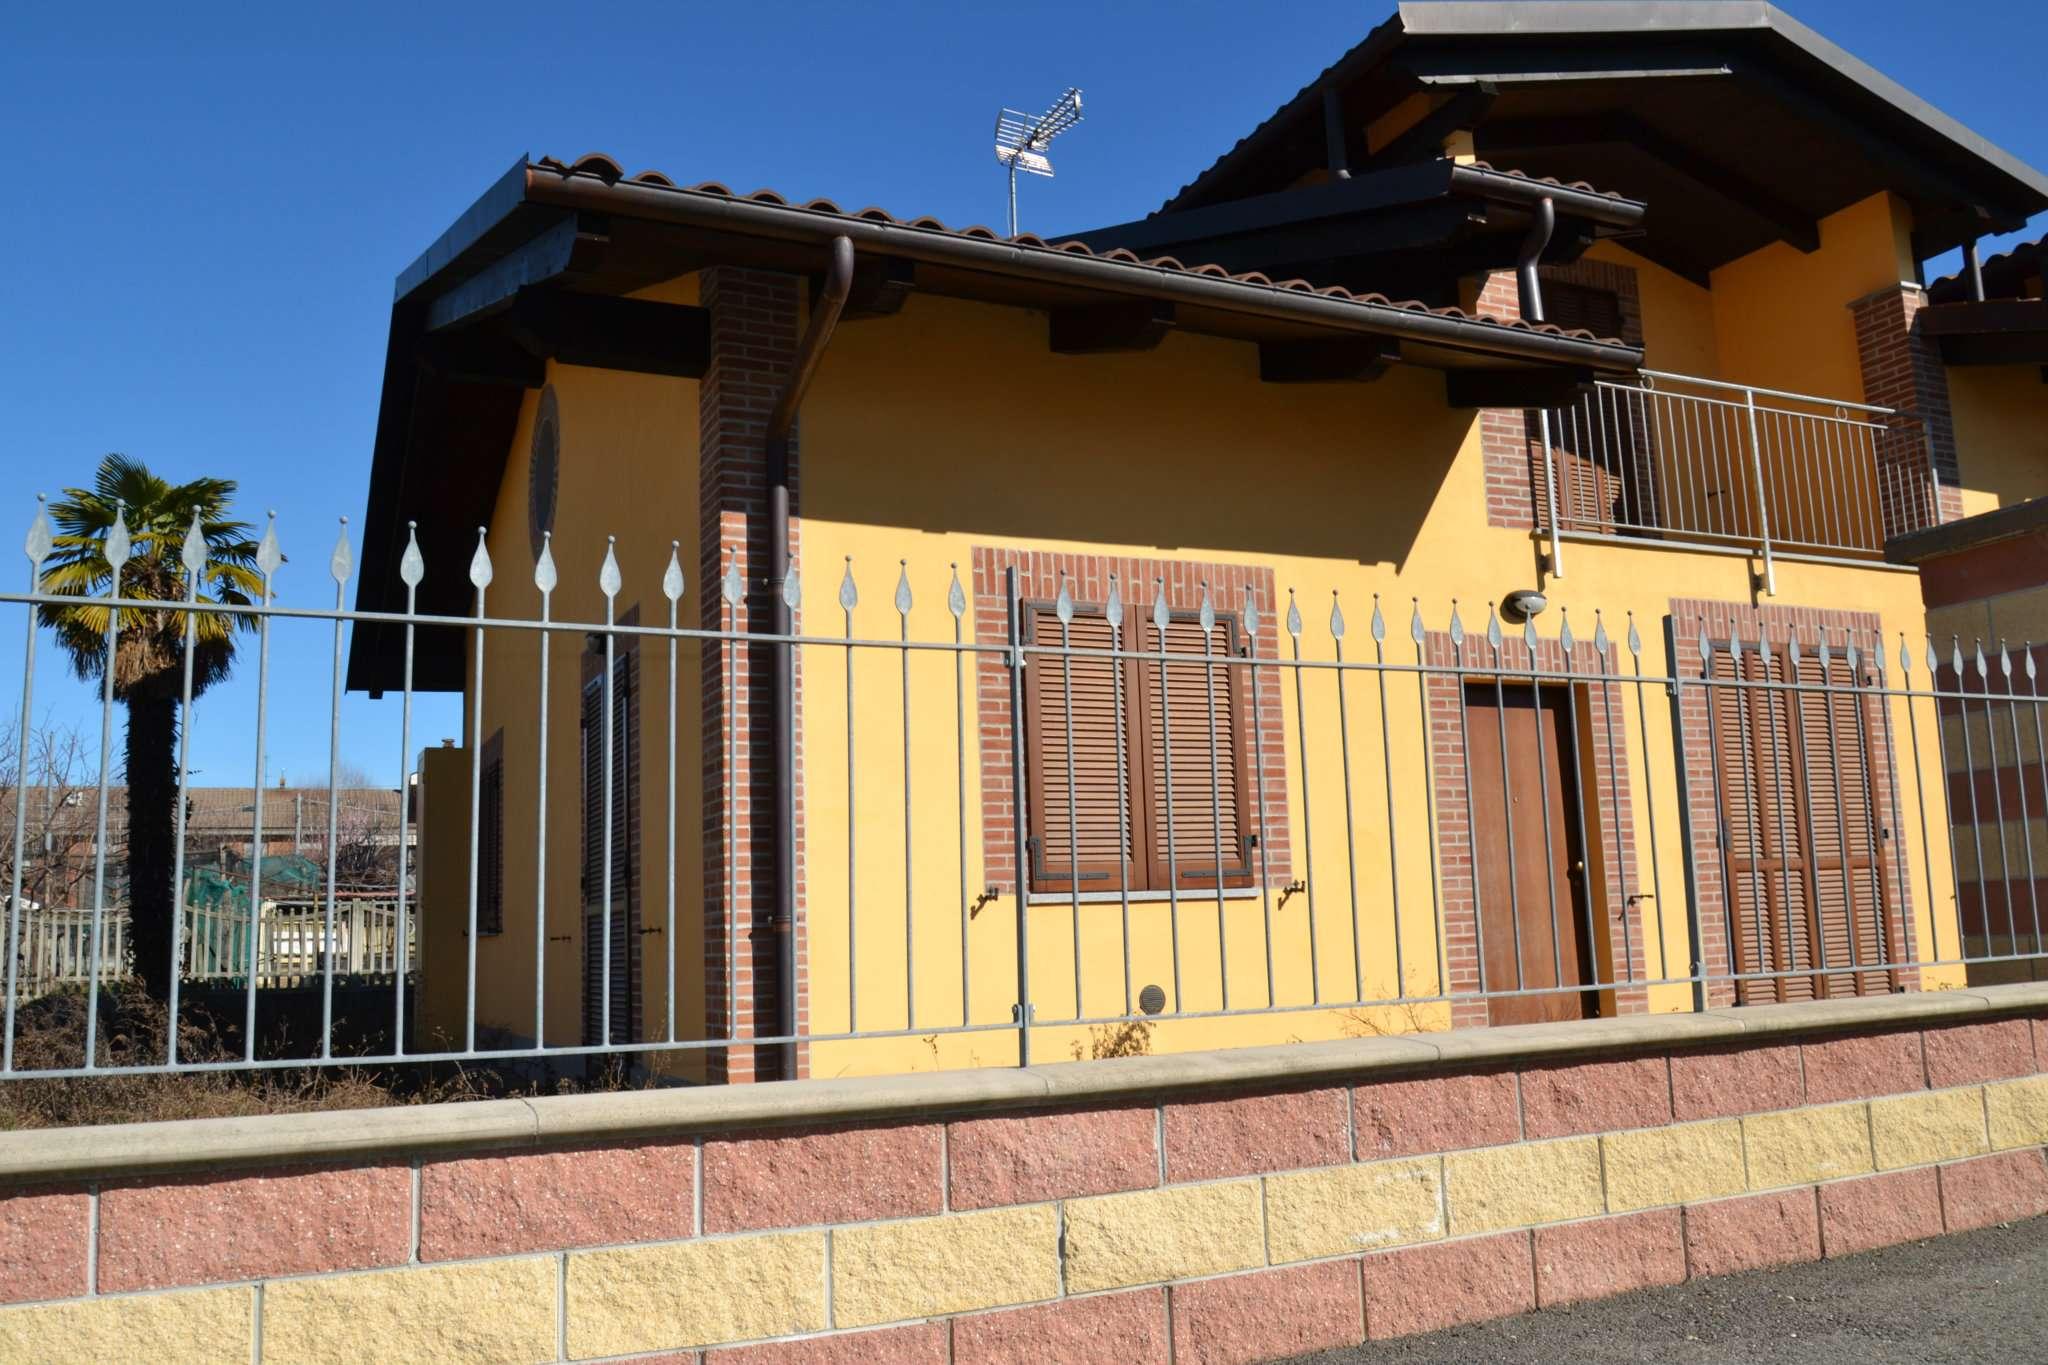 Soluzione Semindipendente in vendita a Rivarolo Canavese, 5 locali, prezzo € 259.000 | CambioCasa.it